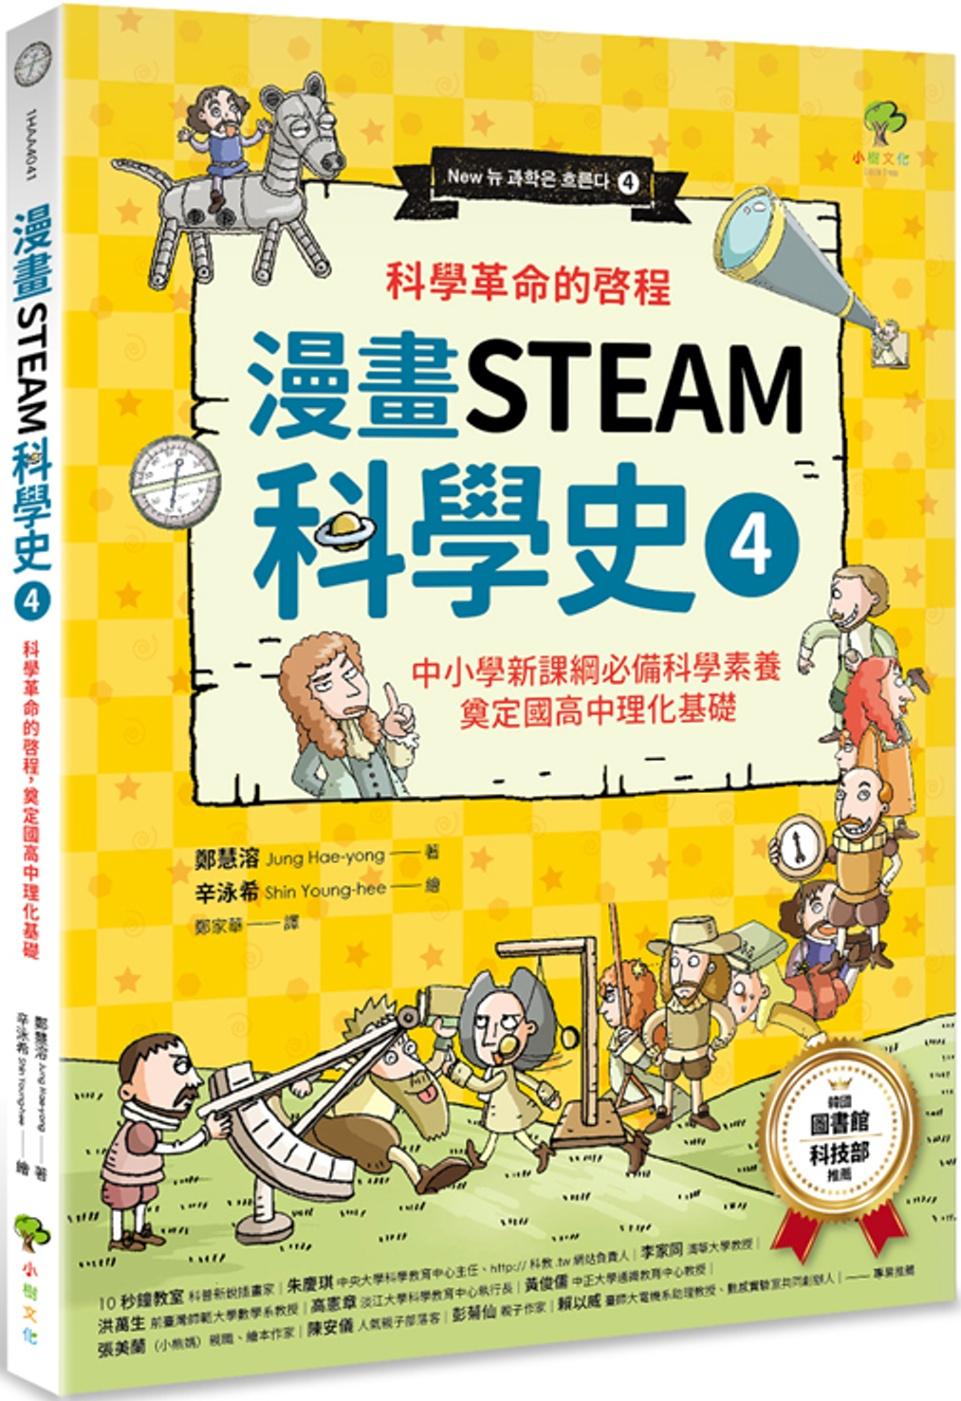 漫畫STEAM科學史4 科學革命的啟程,奠定國高中理化基礎(中小學新課綱必備科學素養)